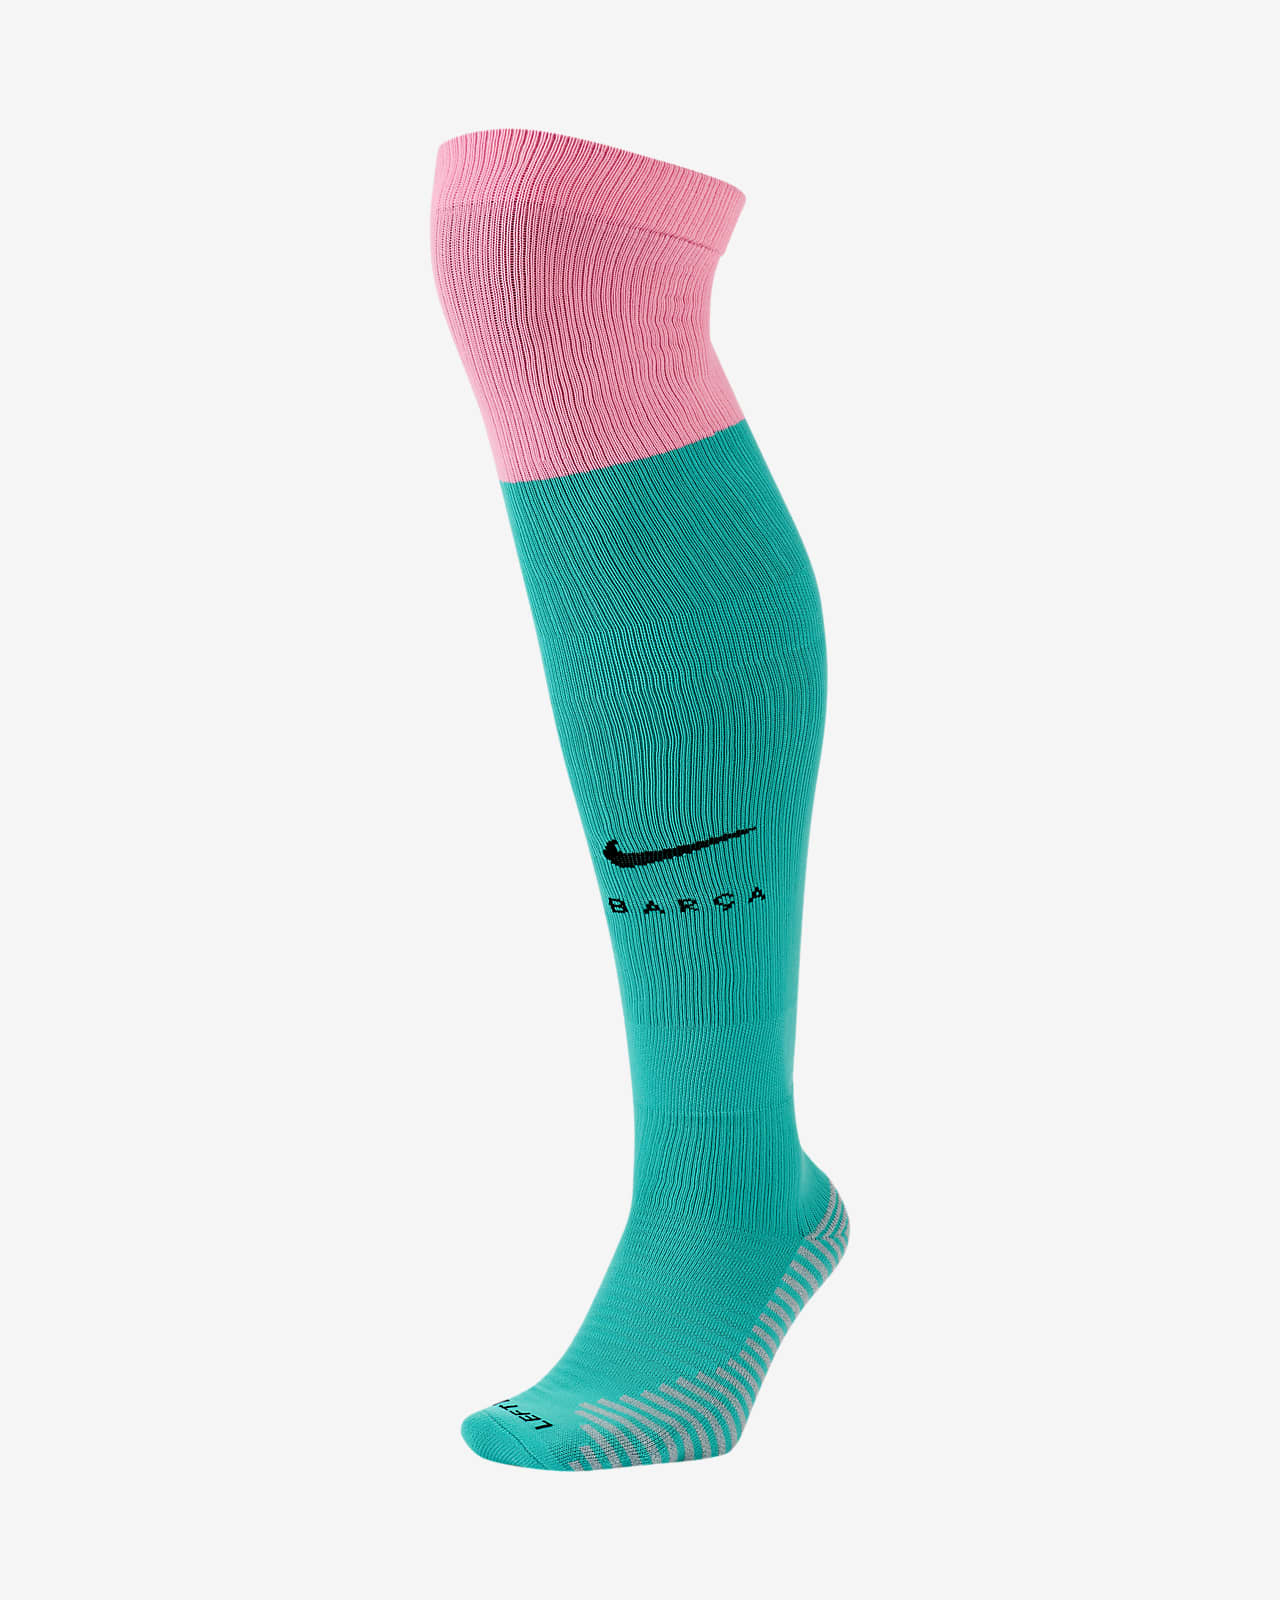 Ποδοσφαιρικές κάλτσες που φτάνουν επάνω από τη γάμπα Μπαρτσελόνα 2020/21 Stadium Third